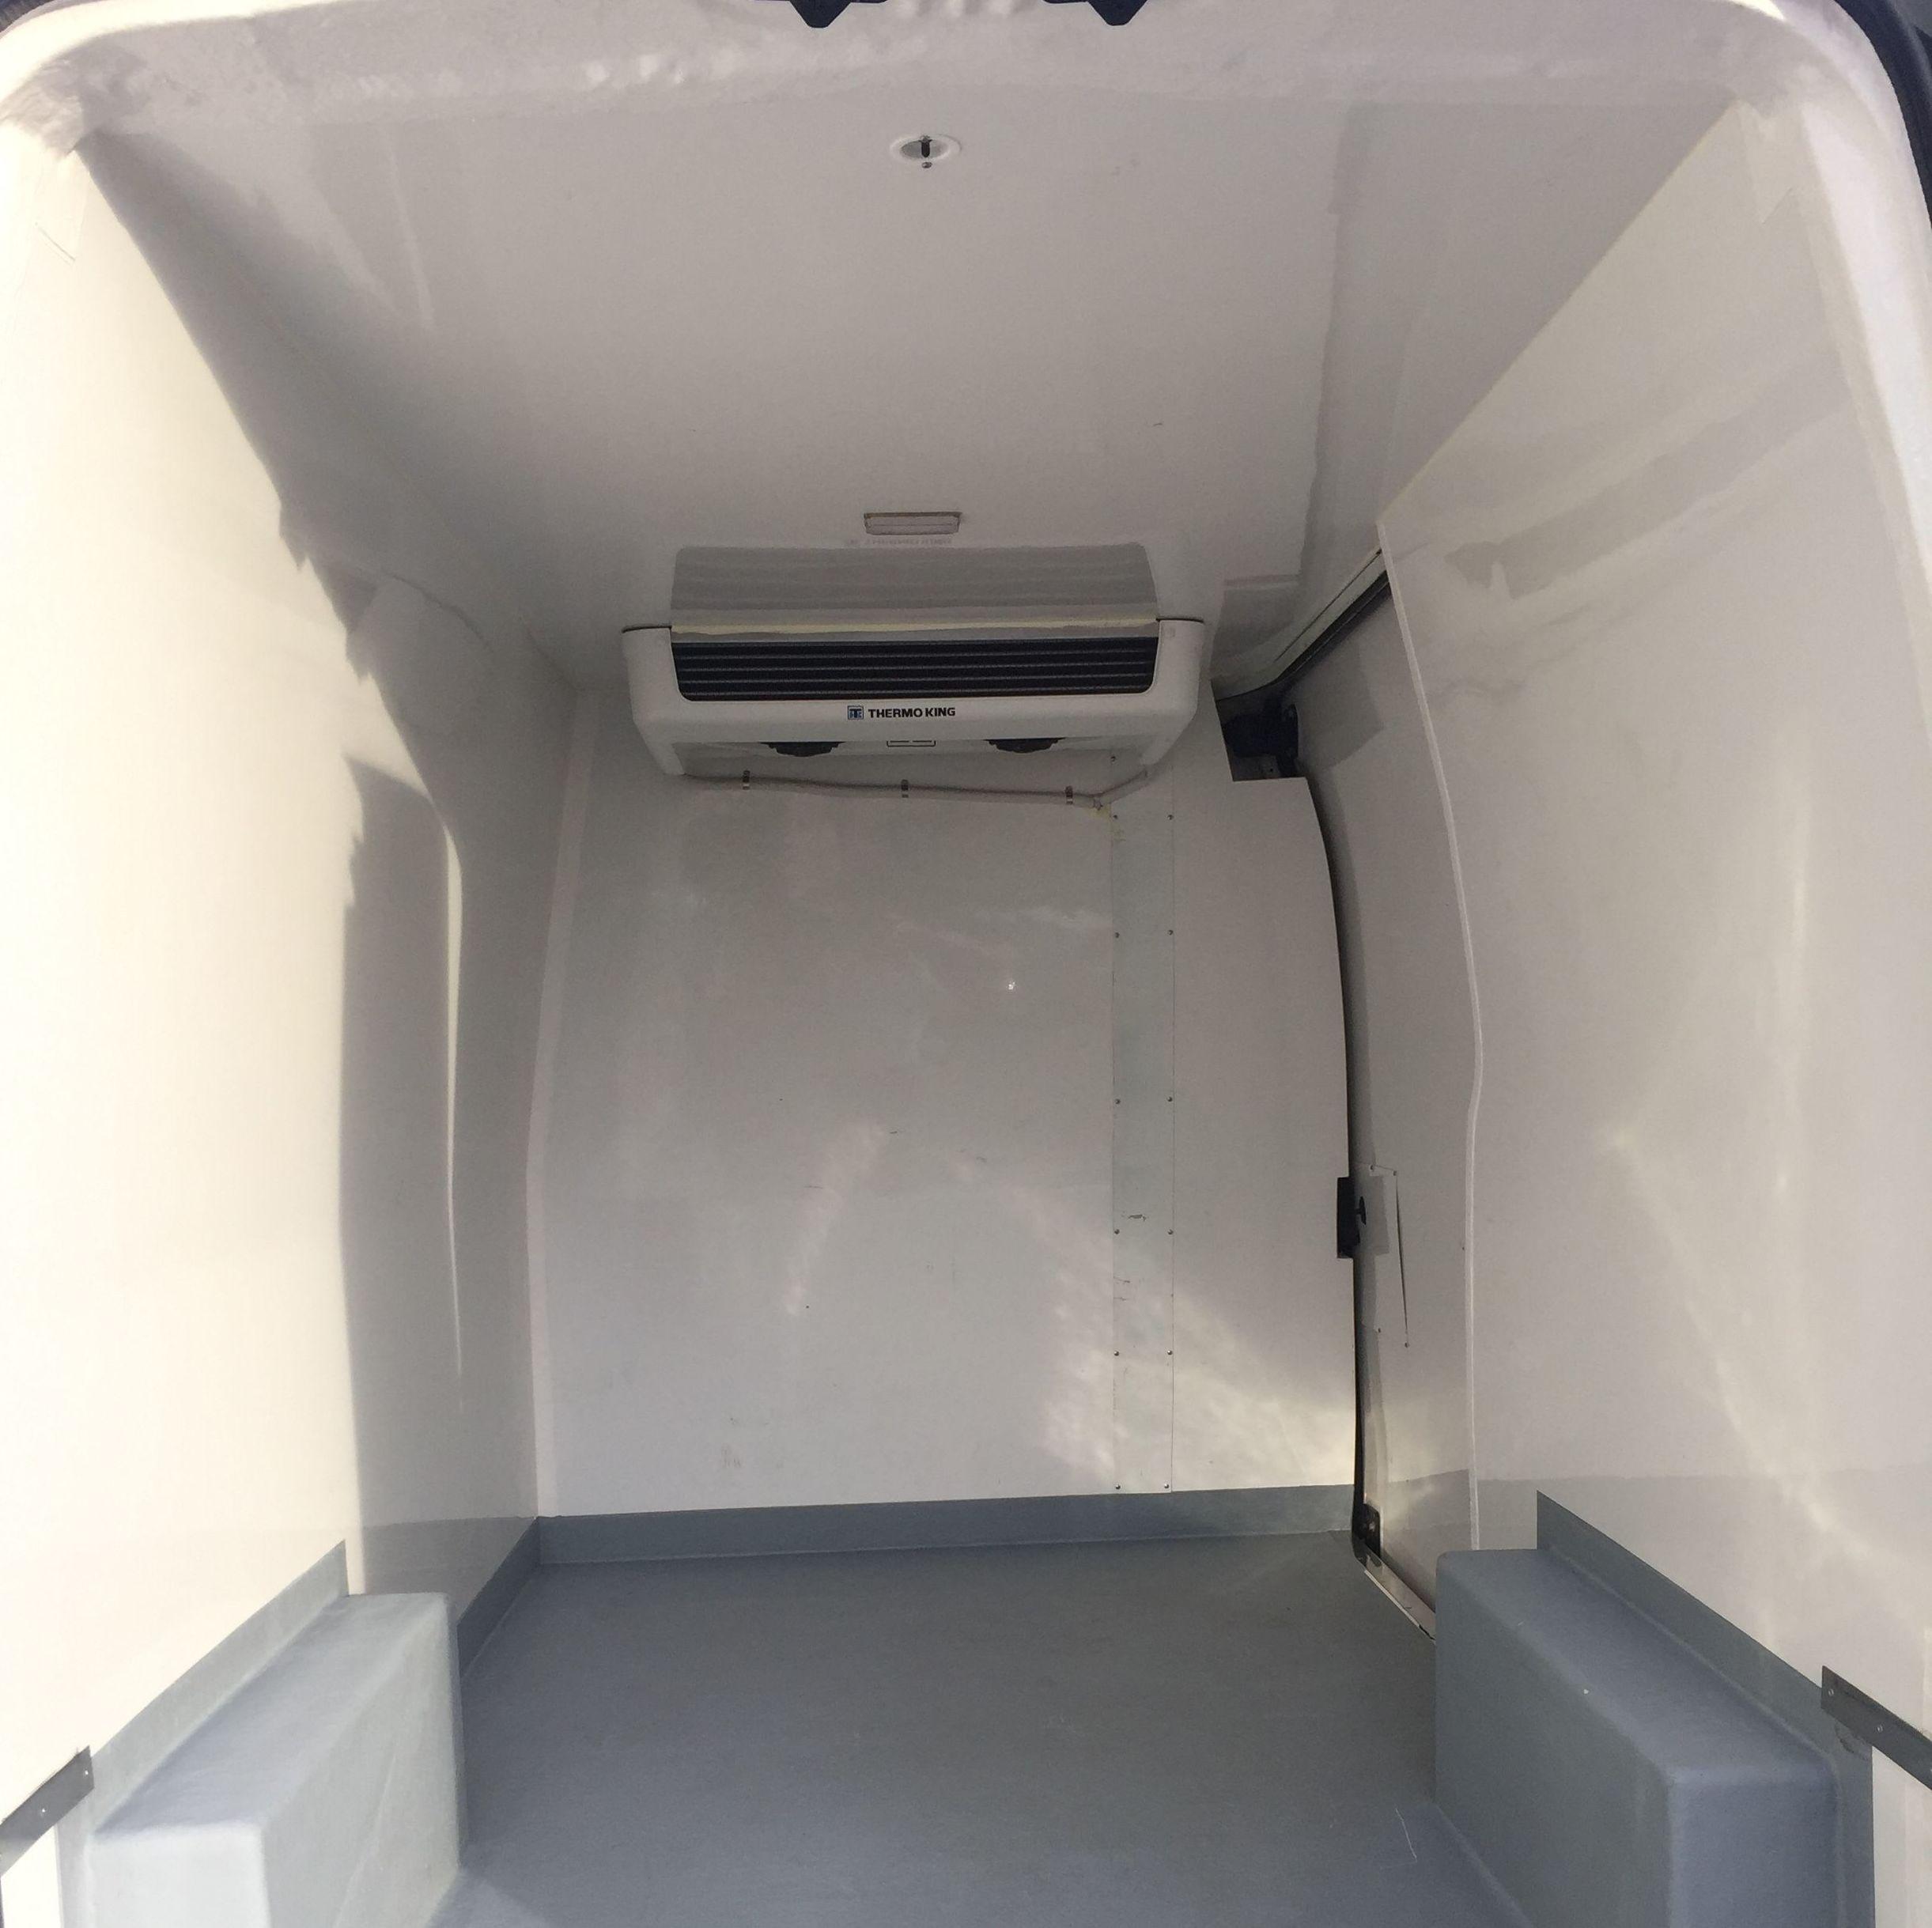 Alquiler furgonetas frigoríficas Asturias